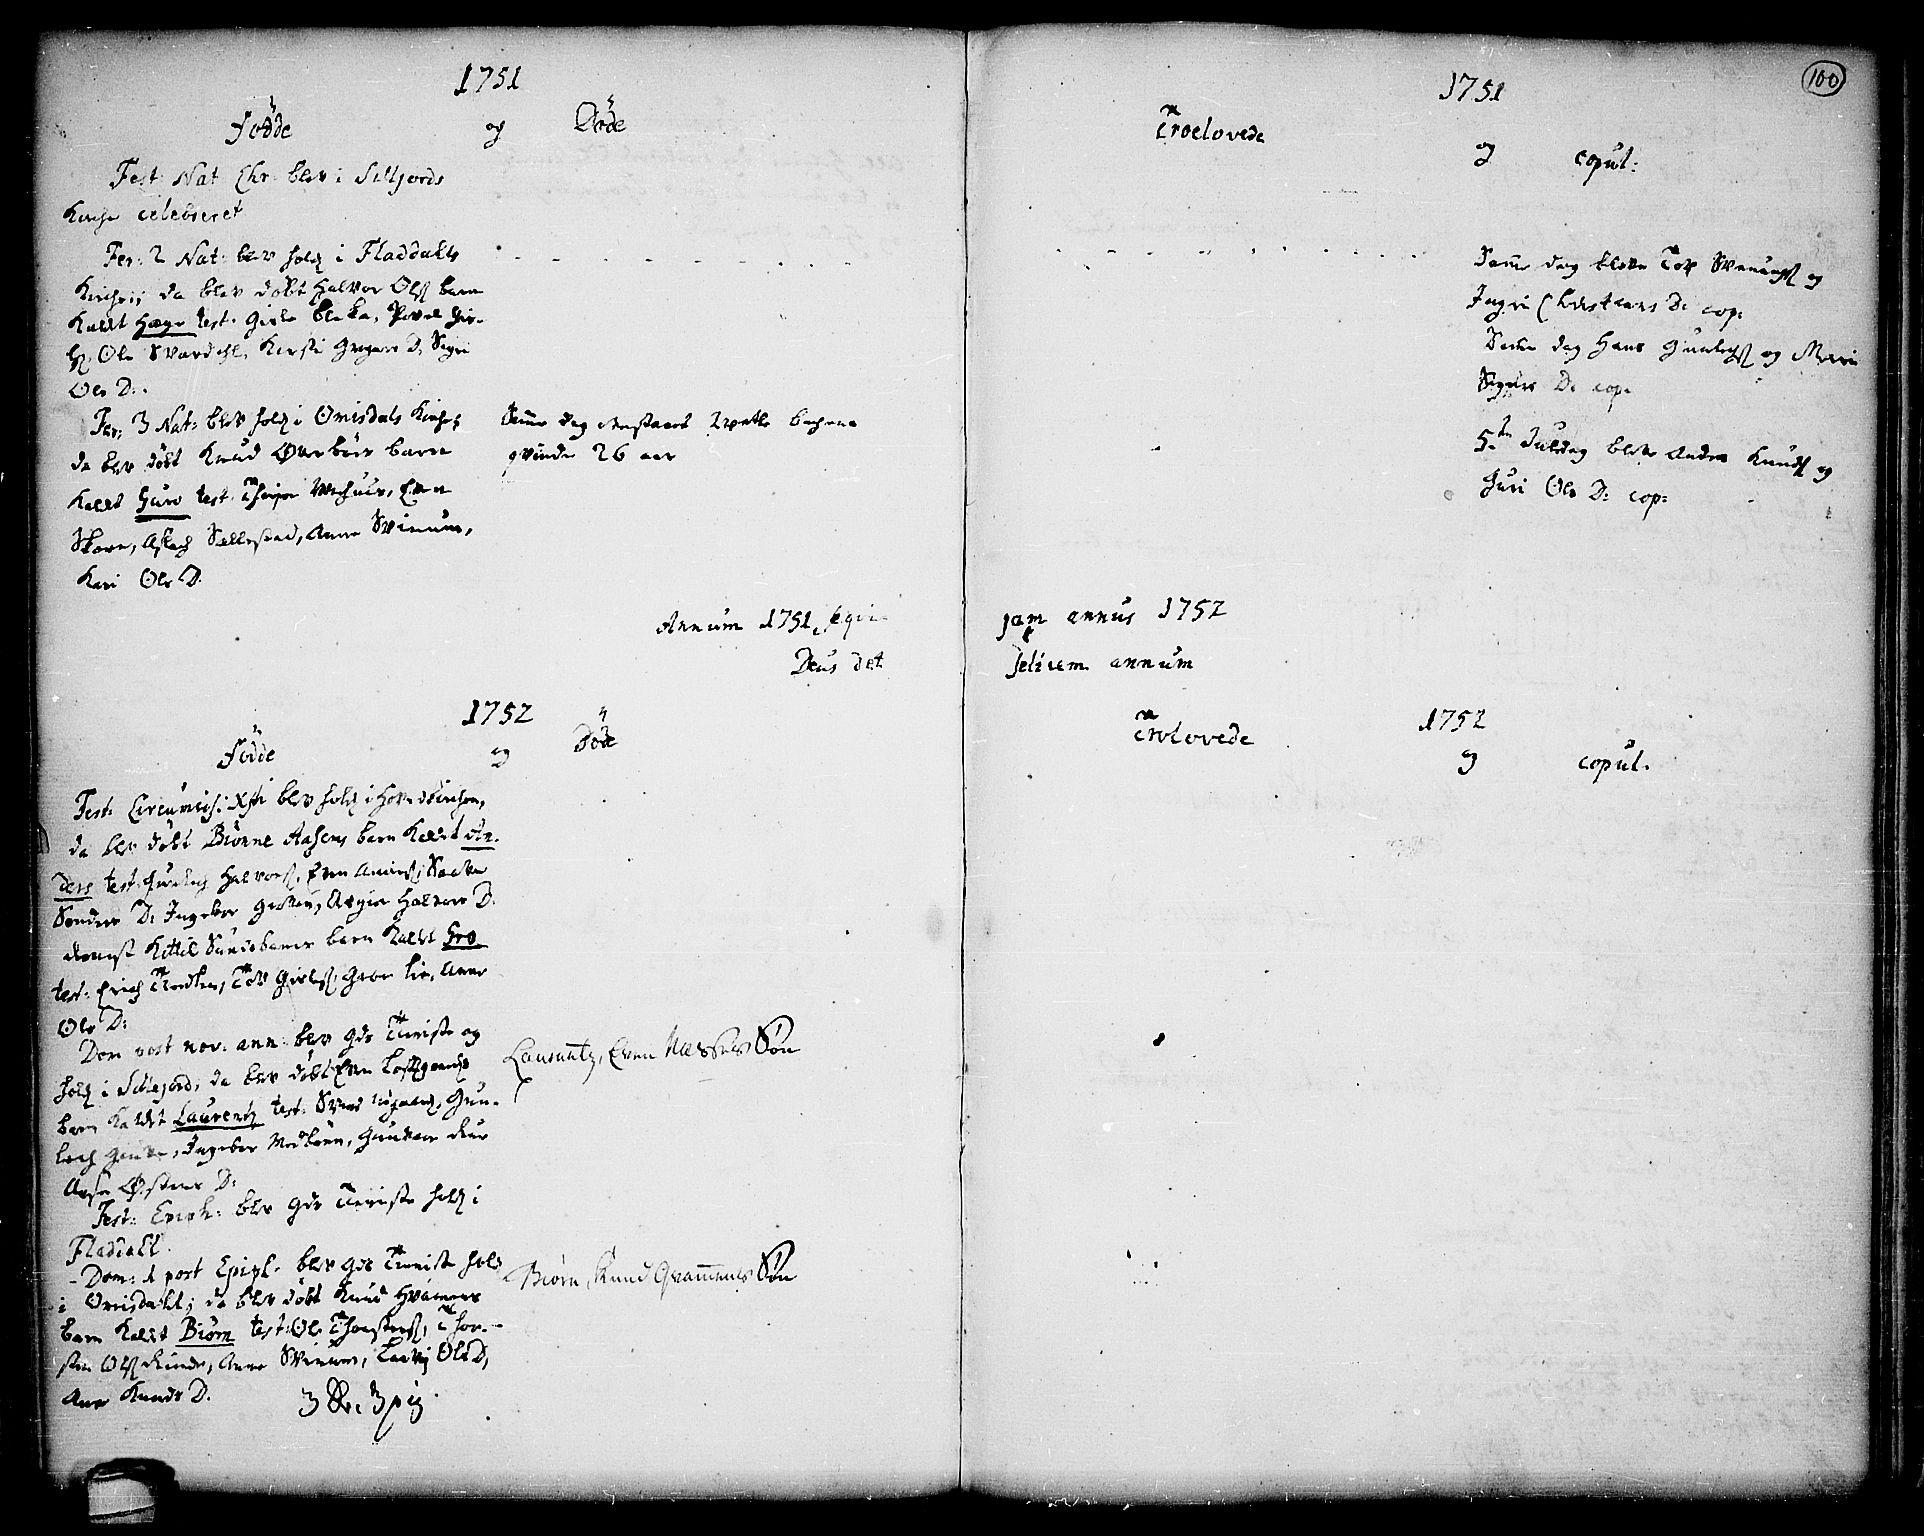 SAKO, Seljord kirkebøker, F/Fa/L0006: Ministerialbok nr. I 6, 1744-1755, s. 100